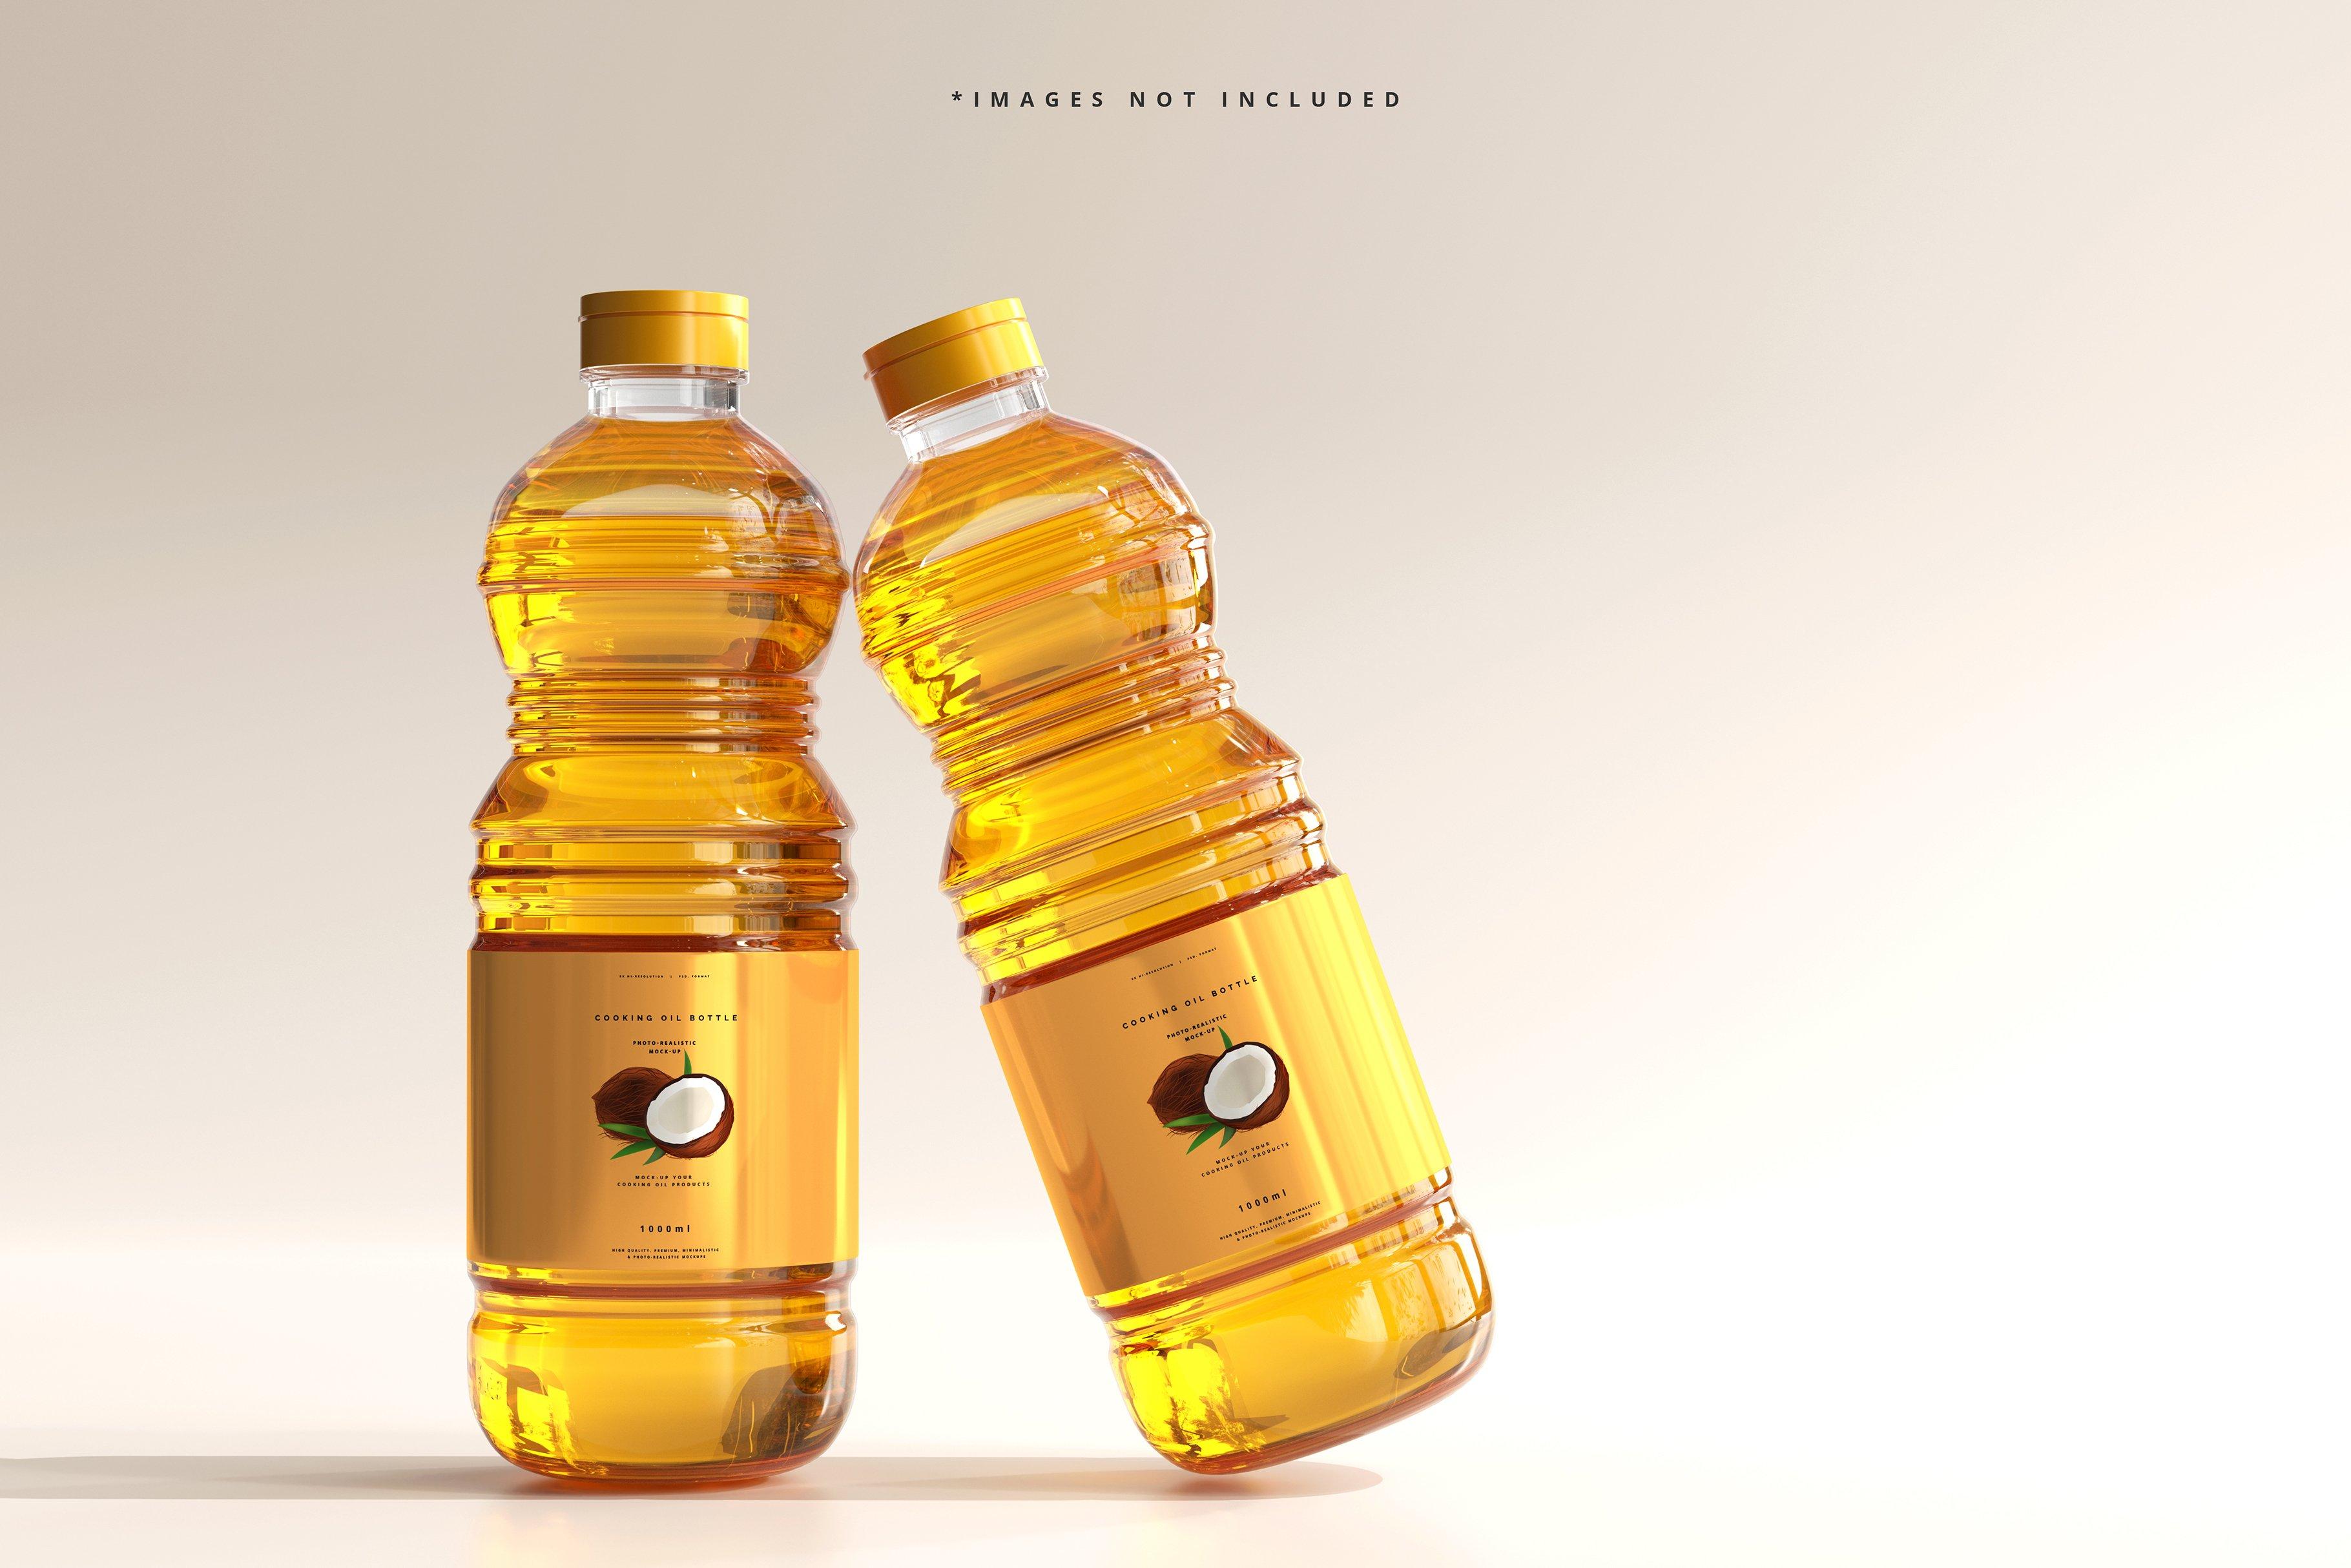 8款透明质感食用油塑料瓶设计展示贴图样机模板 Cooking Oil Bottle Mockup插图3